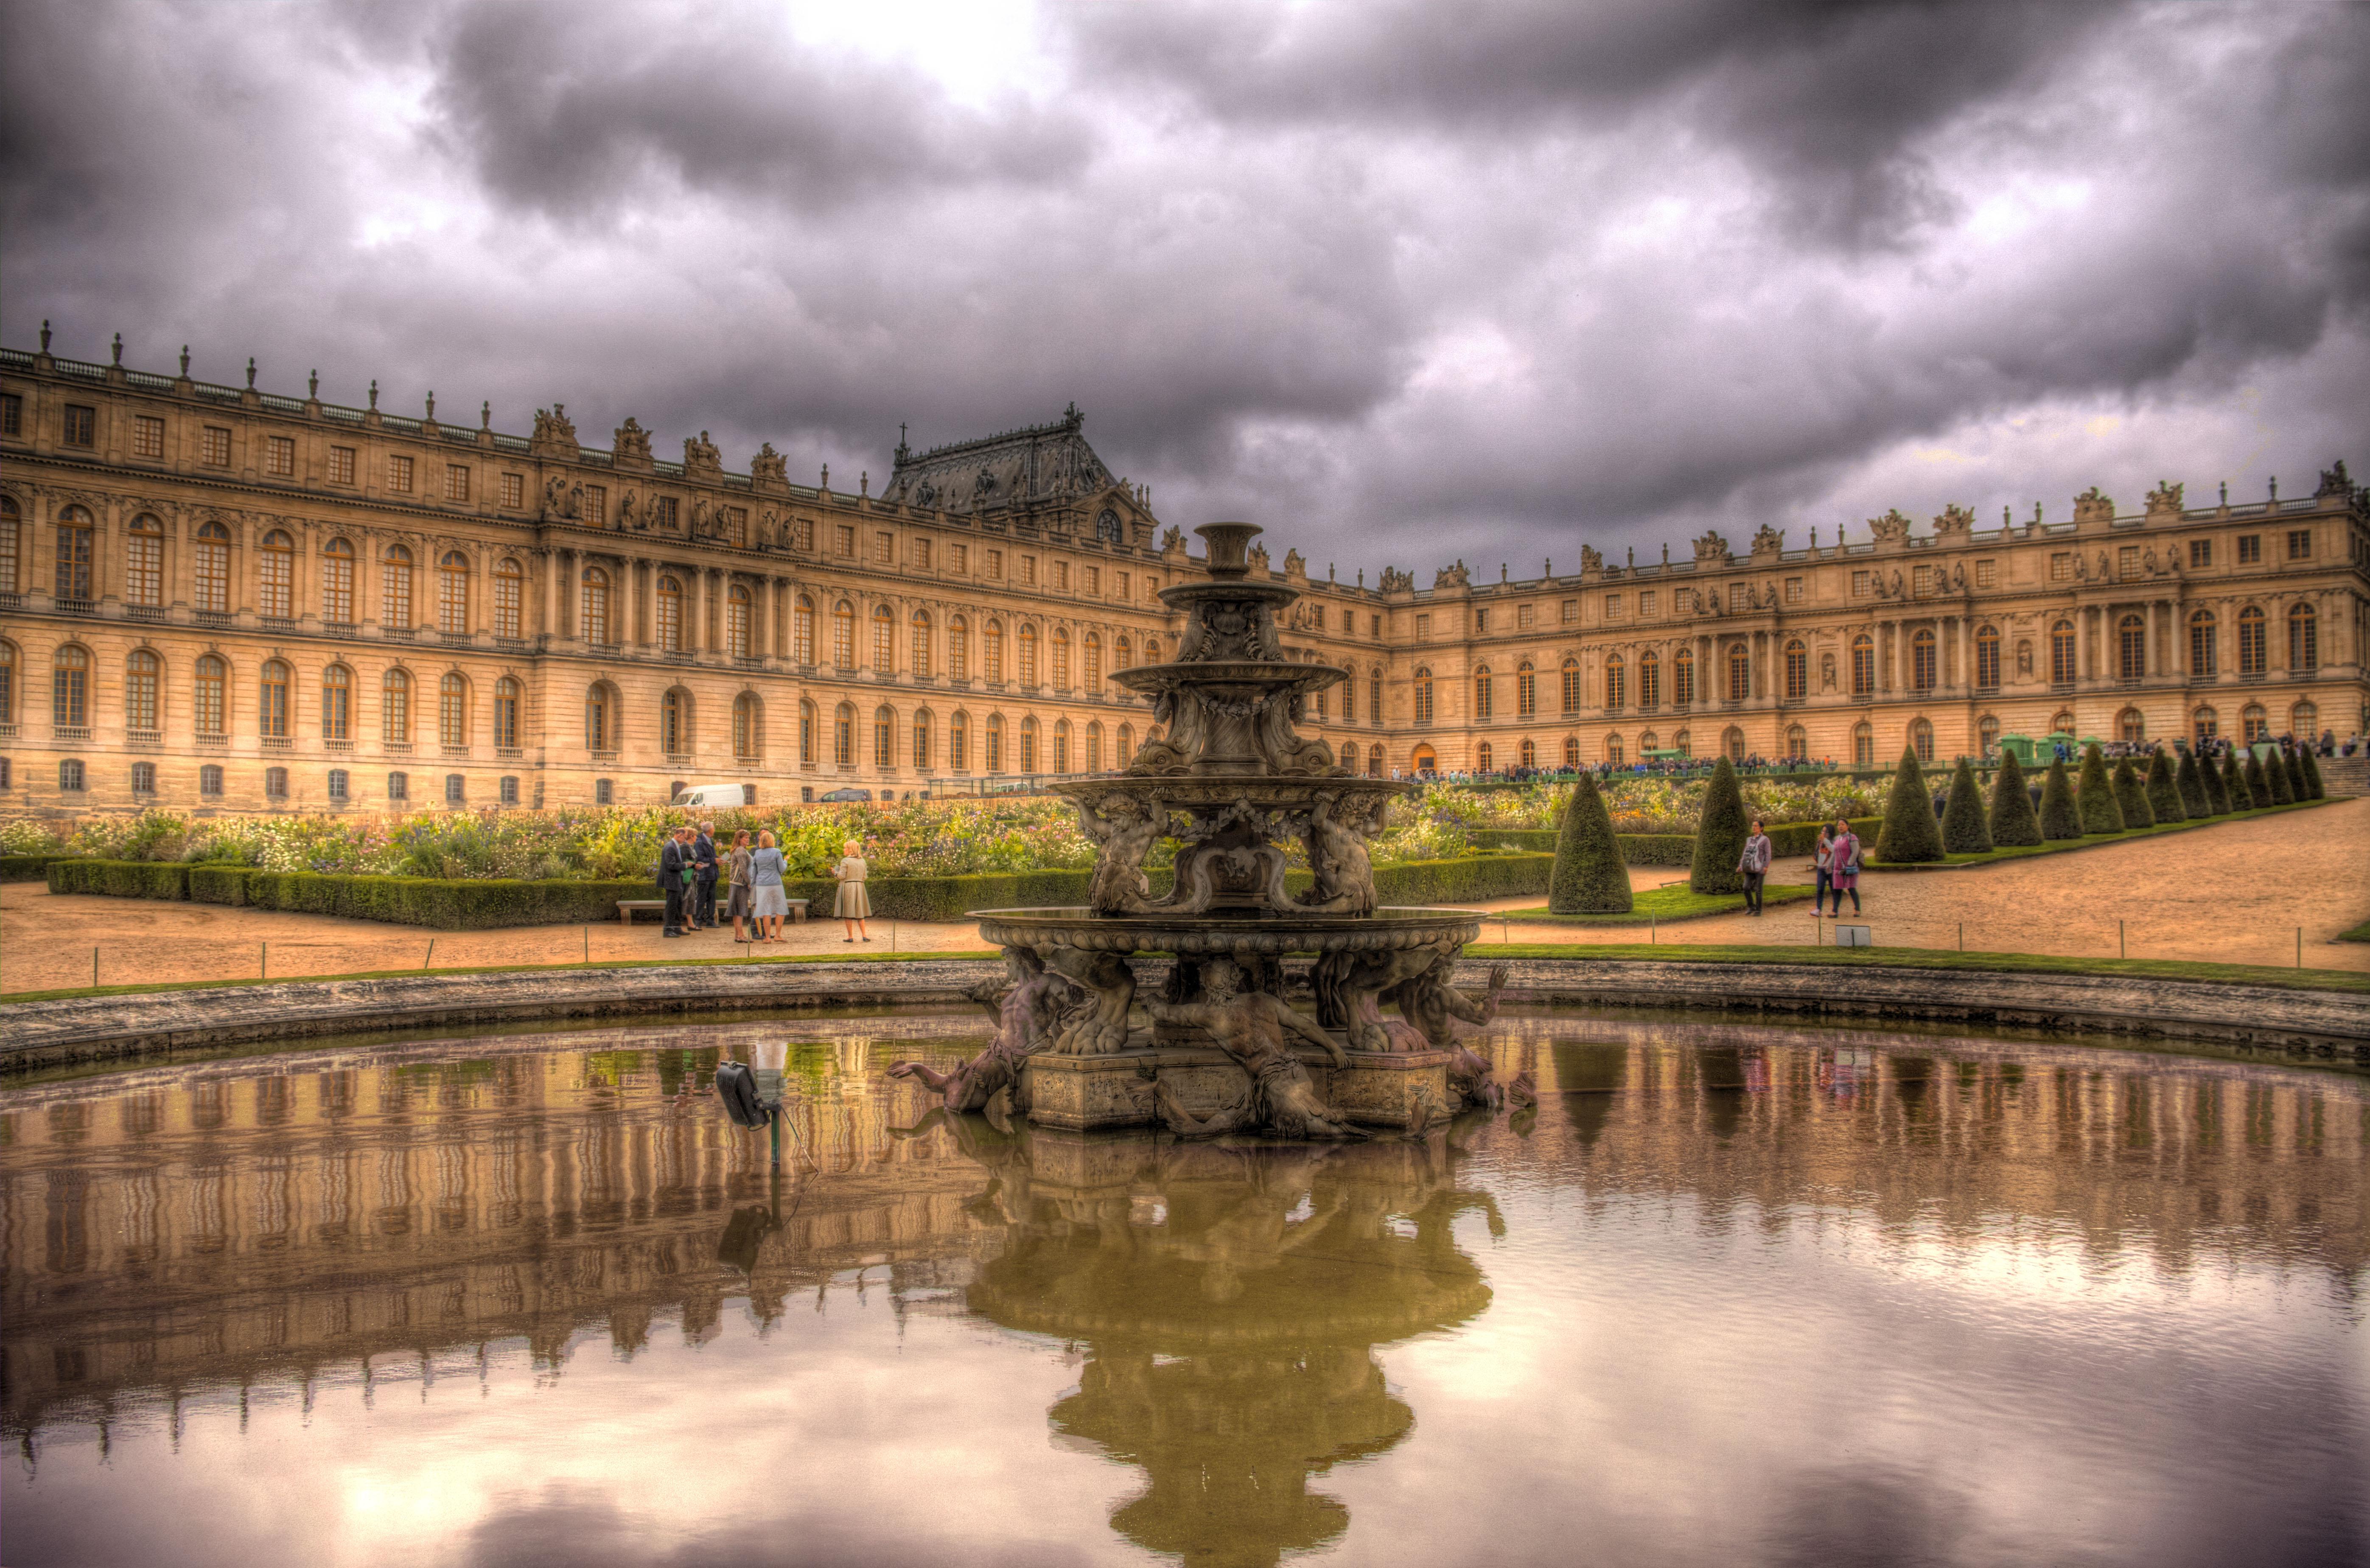 Ch teau de versailles they 39 re calling to me - Photo chateau de versailles ...